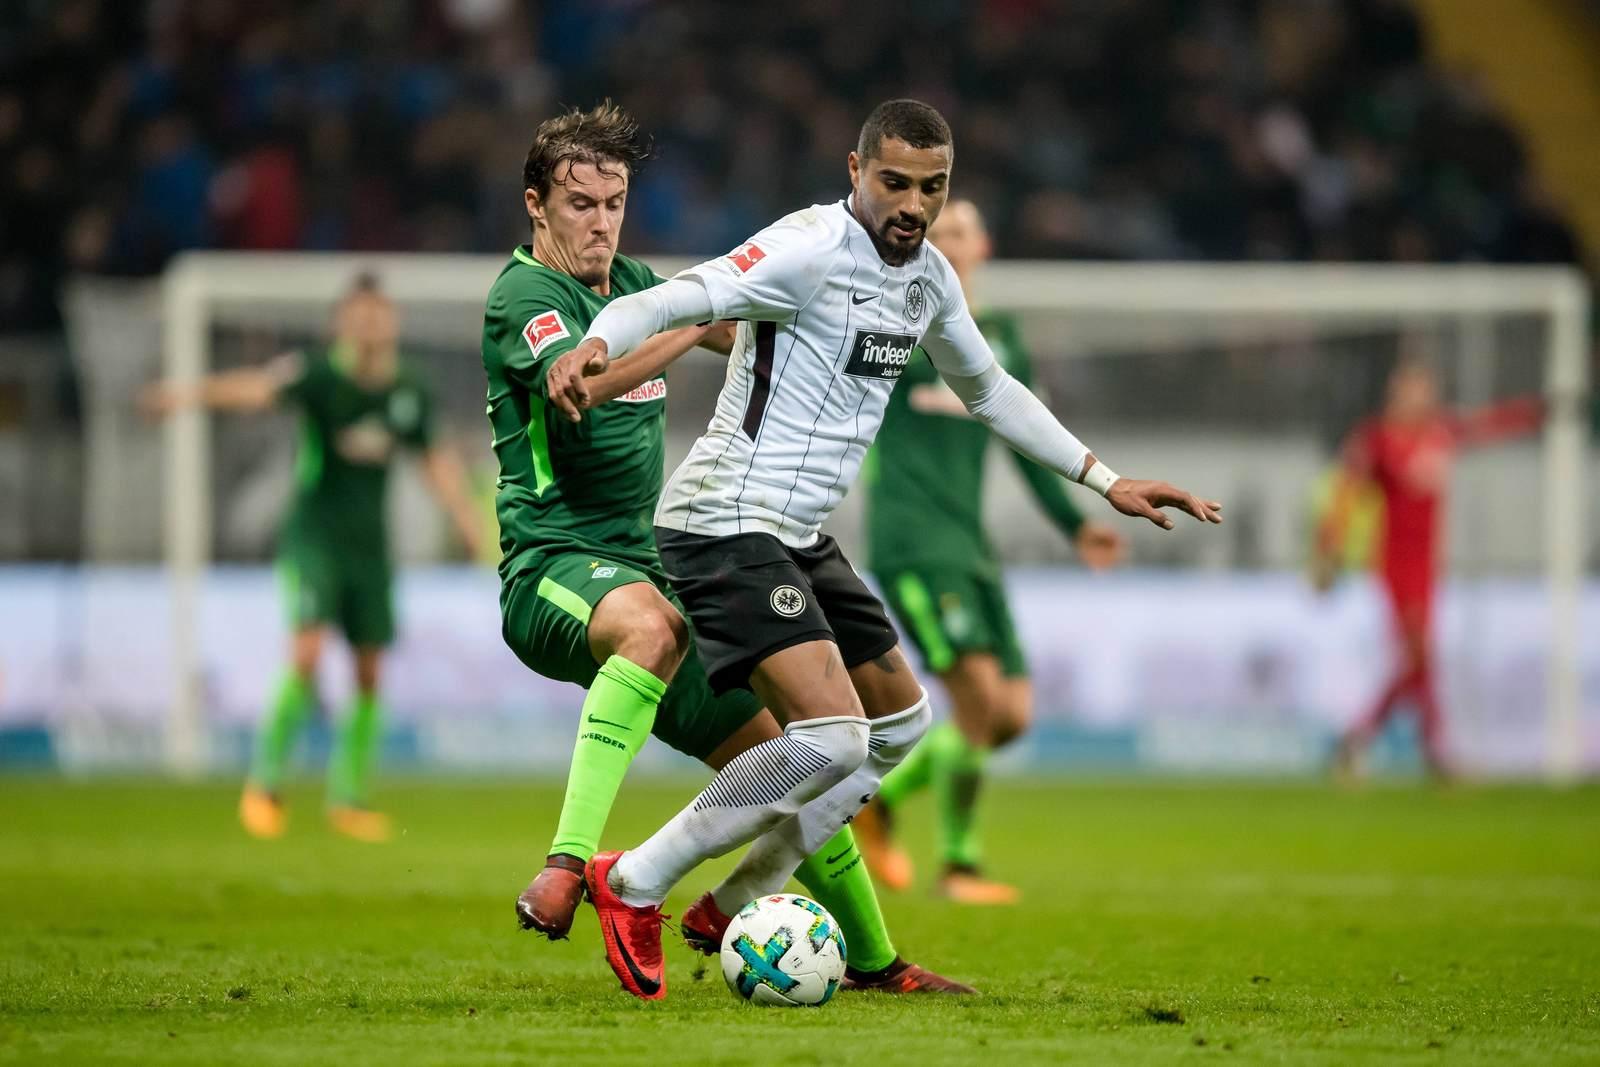 Max Kruse gegen Kevin Prince Boateng, Jetzt auf die Partie Werder gegen Frankfurt wetten